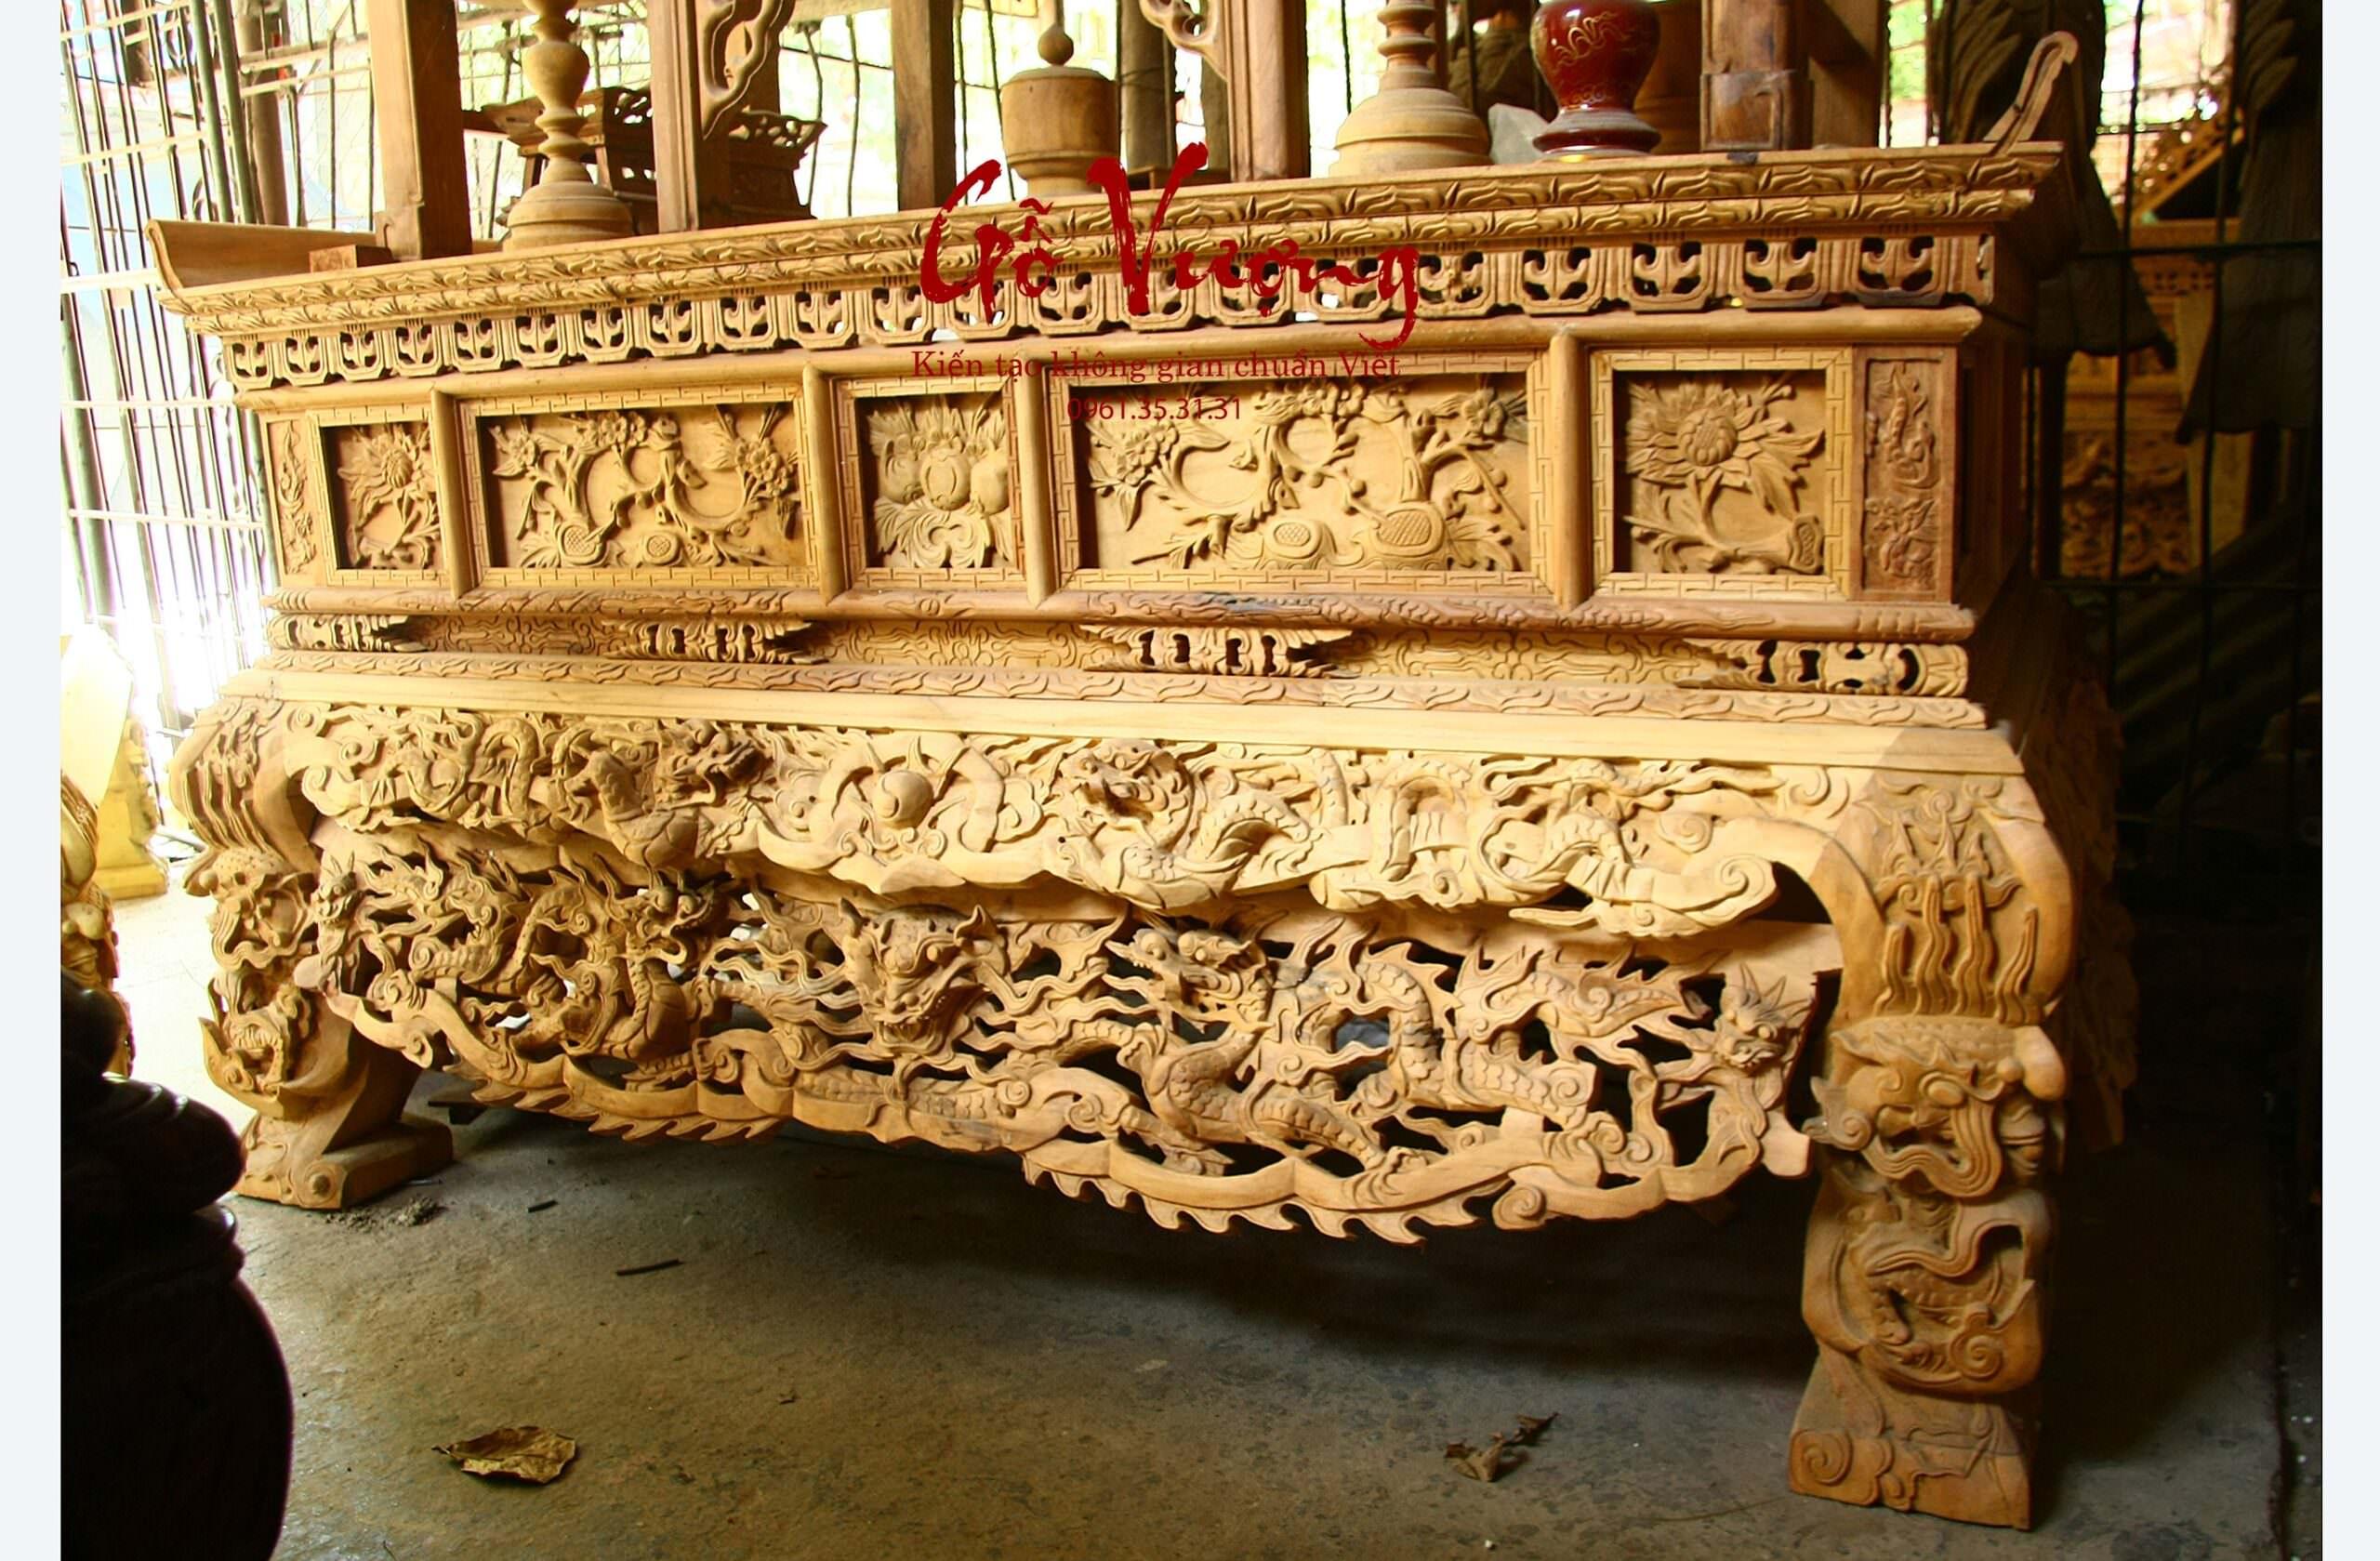 Mẫu sập thờ 2 dạ được tạo hình theo cấu trúc rồng thời hậu lê thế kỷ 17